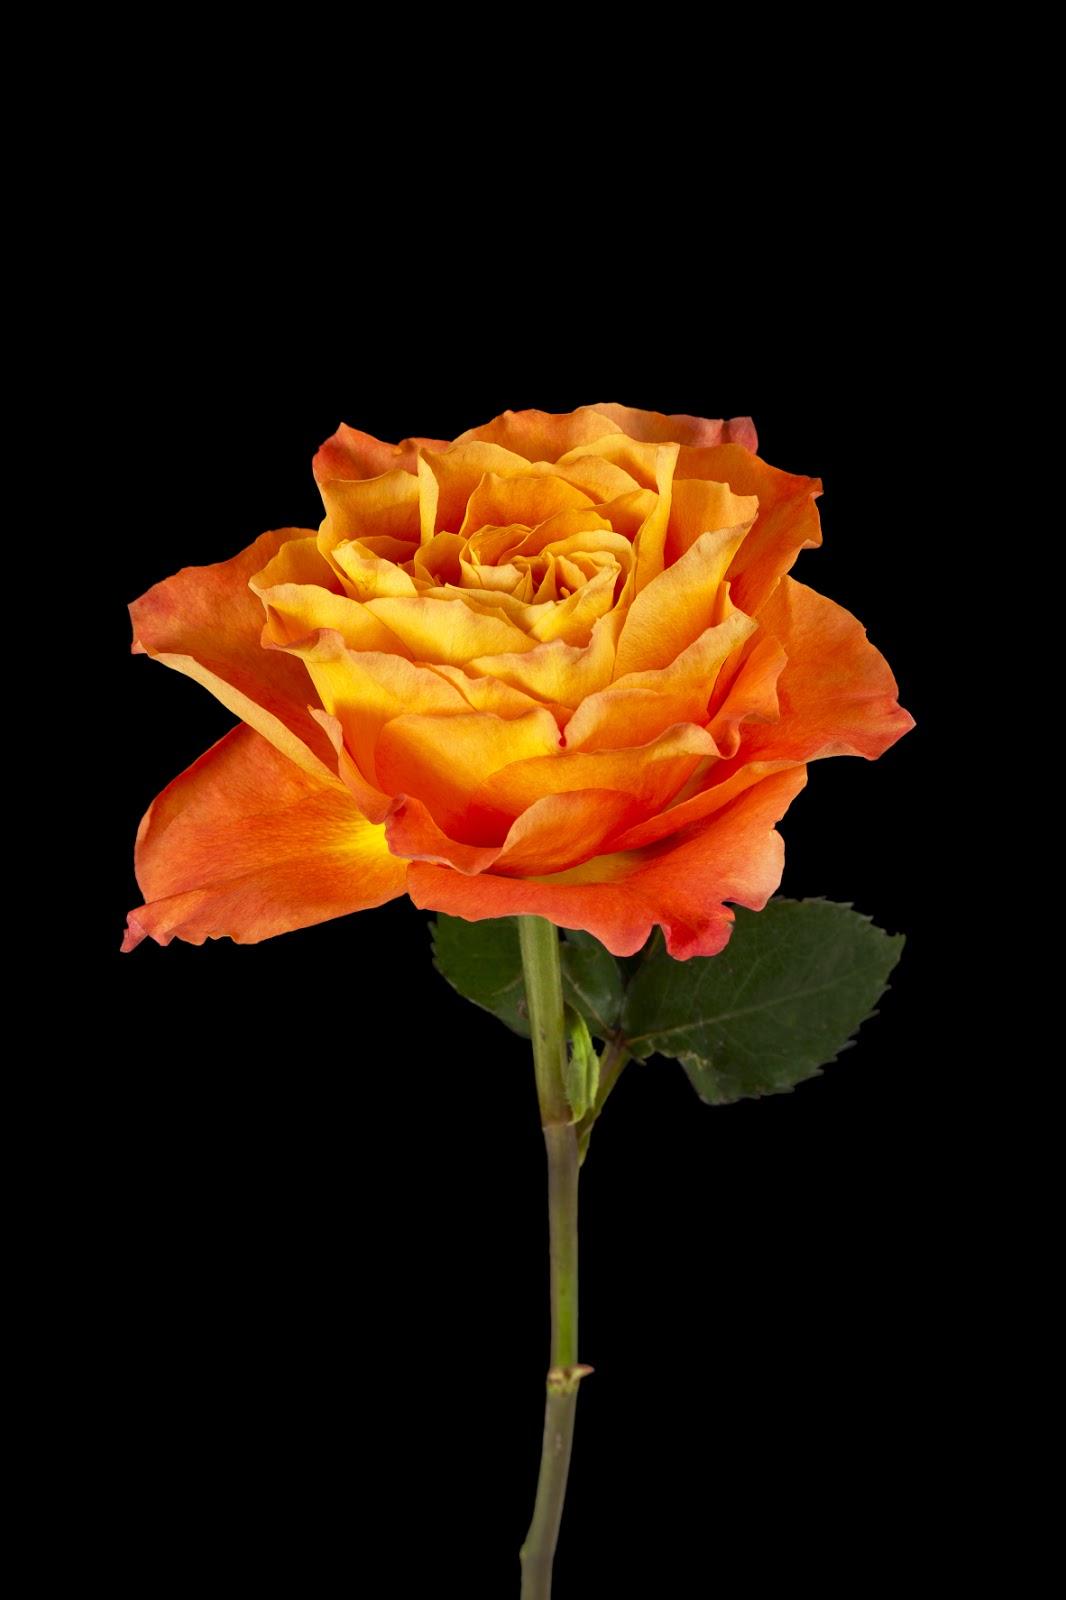 banco de im u00e1genes  flores fotos de stock gratuitas para